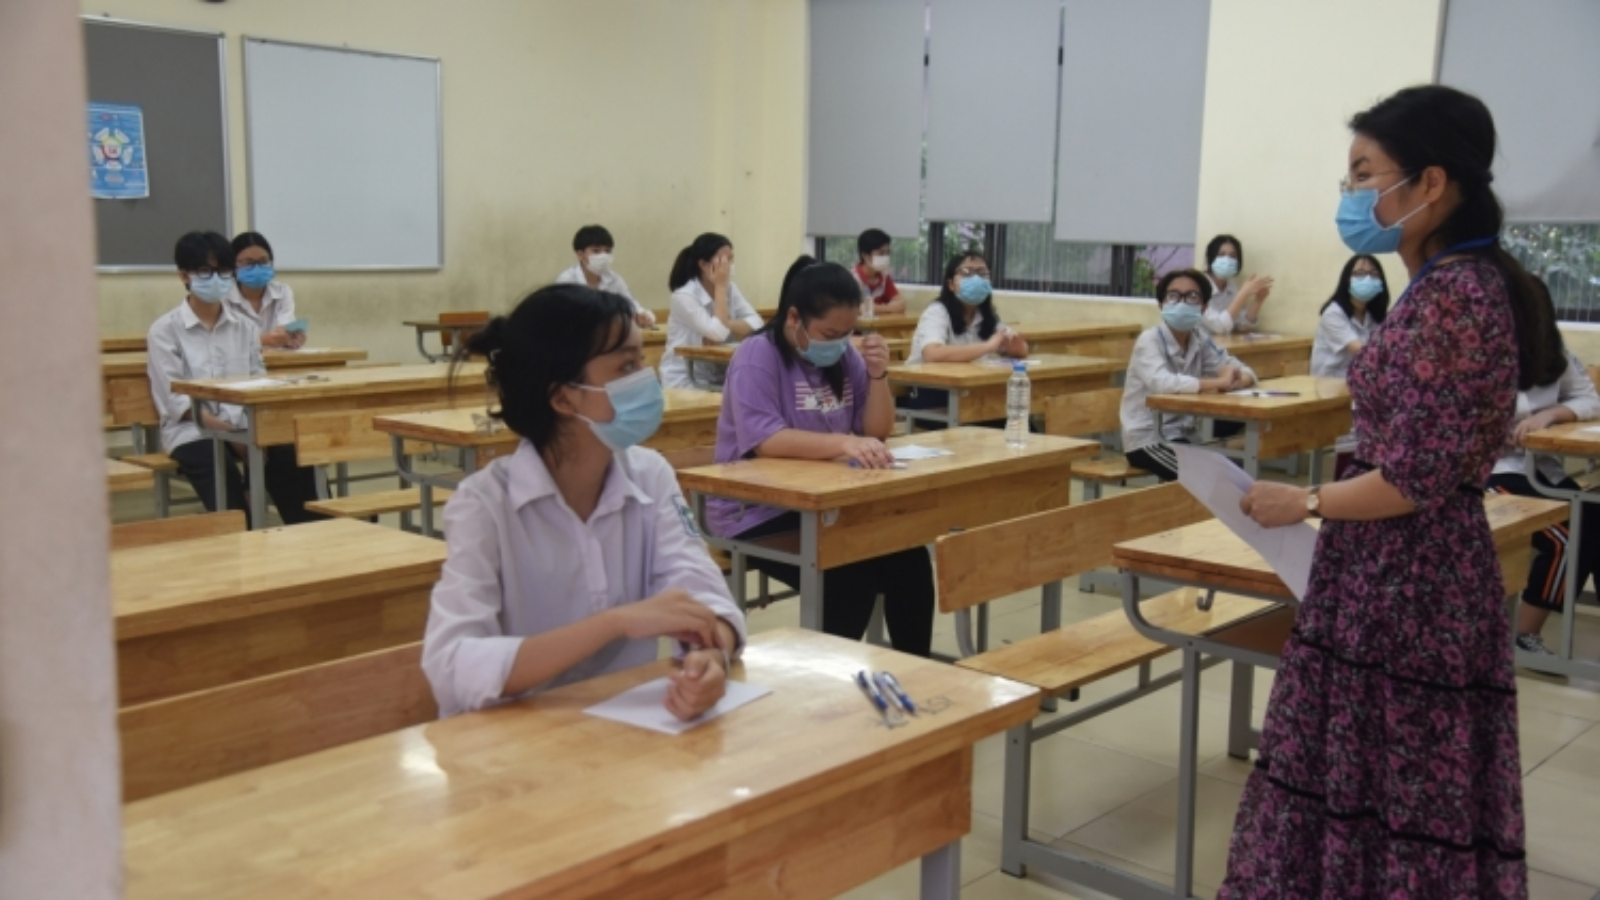 Rà soát tất cả các khâu để kỳ thi tốt nghiệp THPT năm 2021 tại Hà Nội diễn ra an toàn